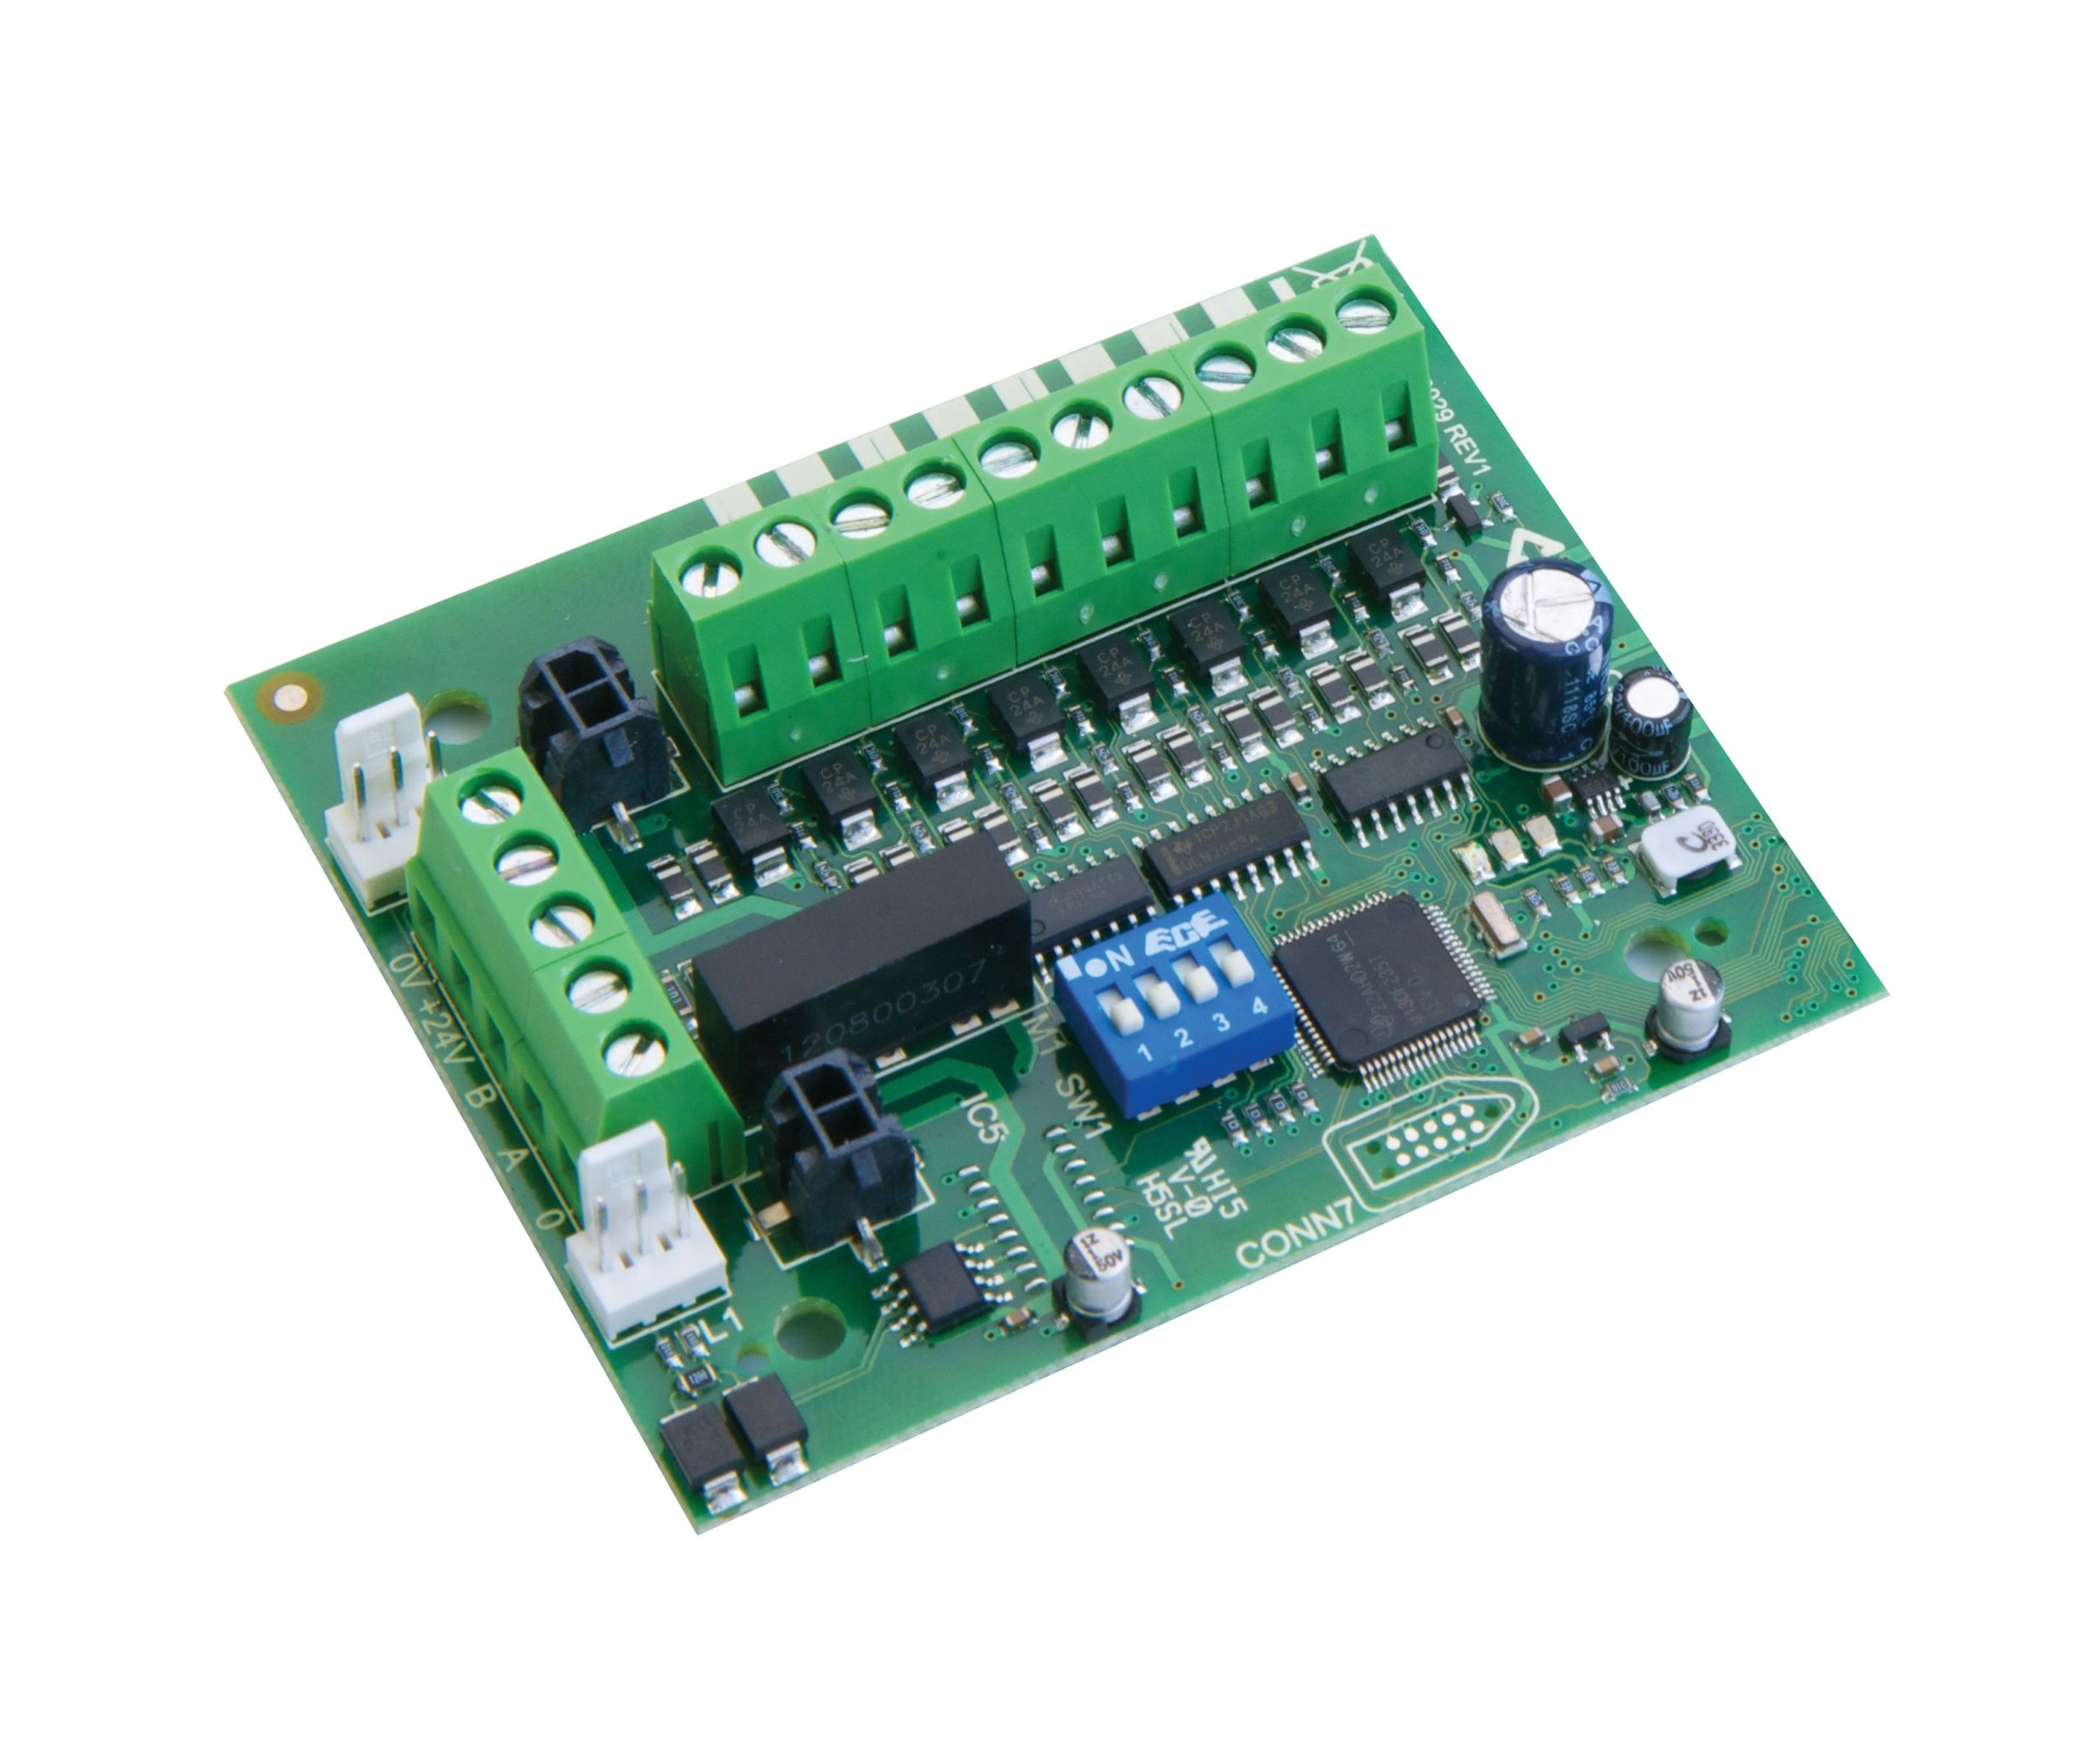 برد ورودی و خروجی پنل آدرس پذیر C-TEC